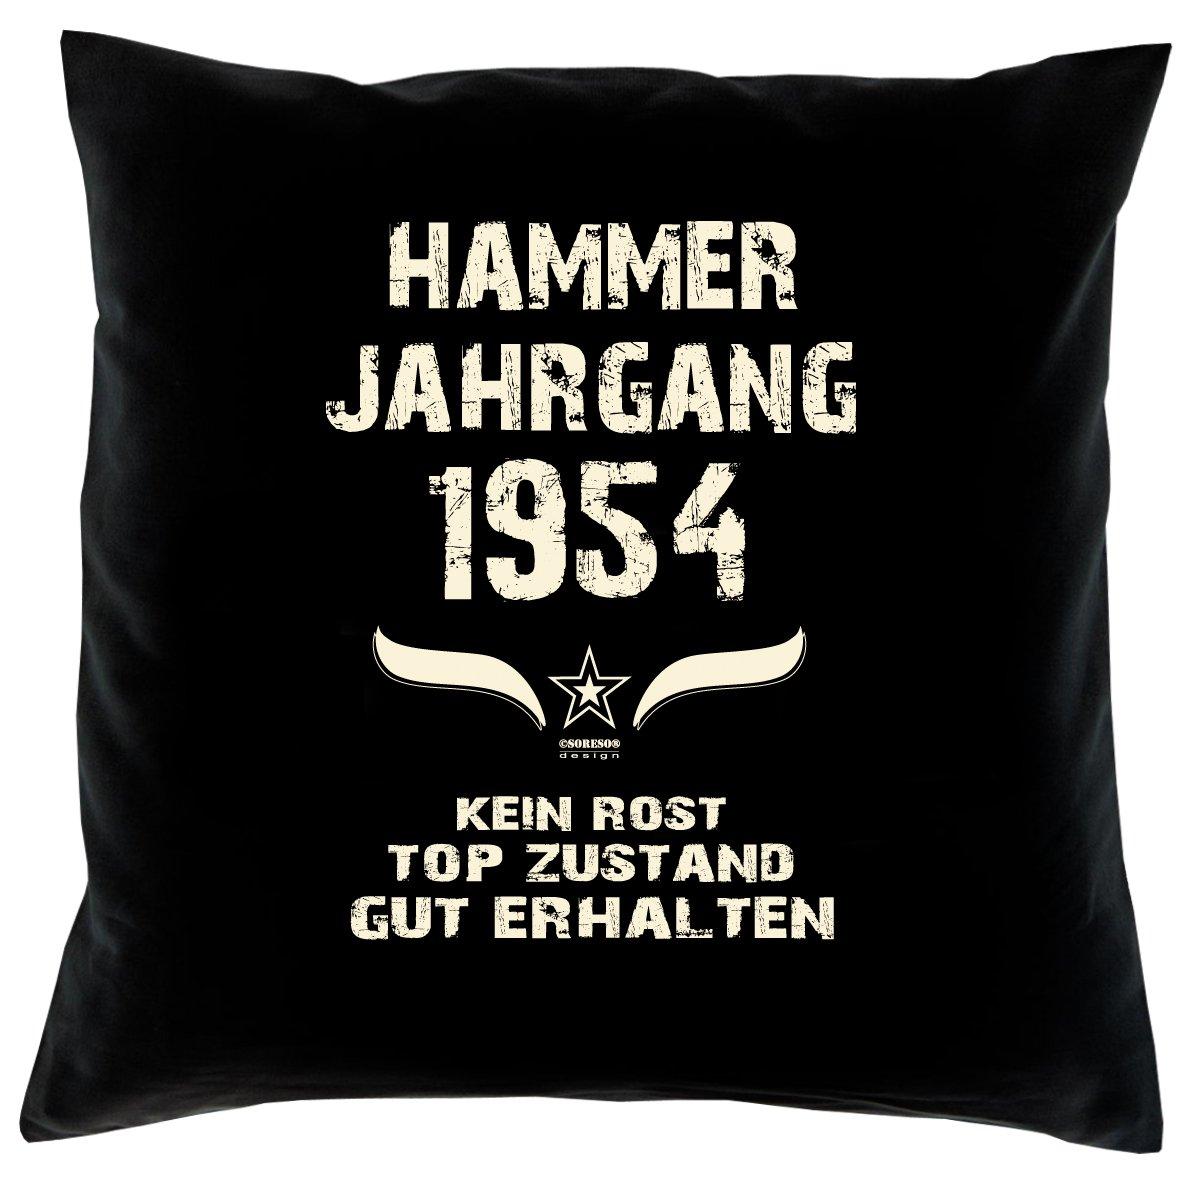 Cooles – Fun – Kissen – Sitzkissen – Zum 62. Geburtstag – Hammer Jahrgang 1954 Farbe: Schwarz – Größe: 40 x 40 cm günstig